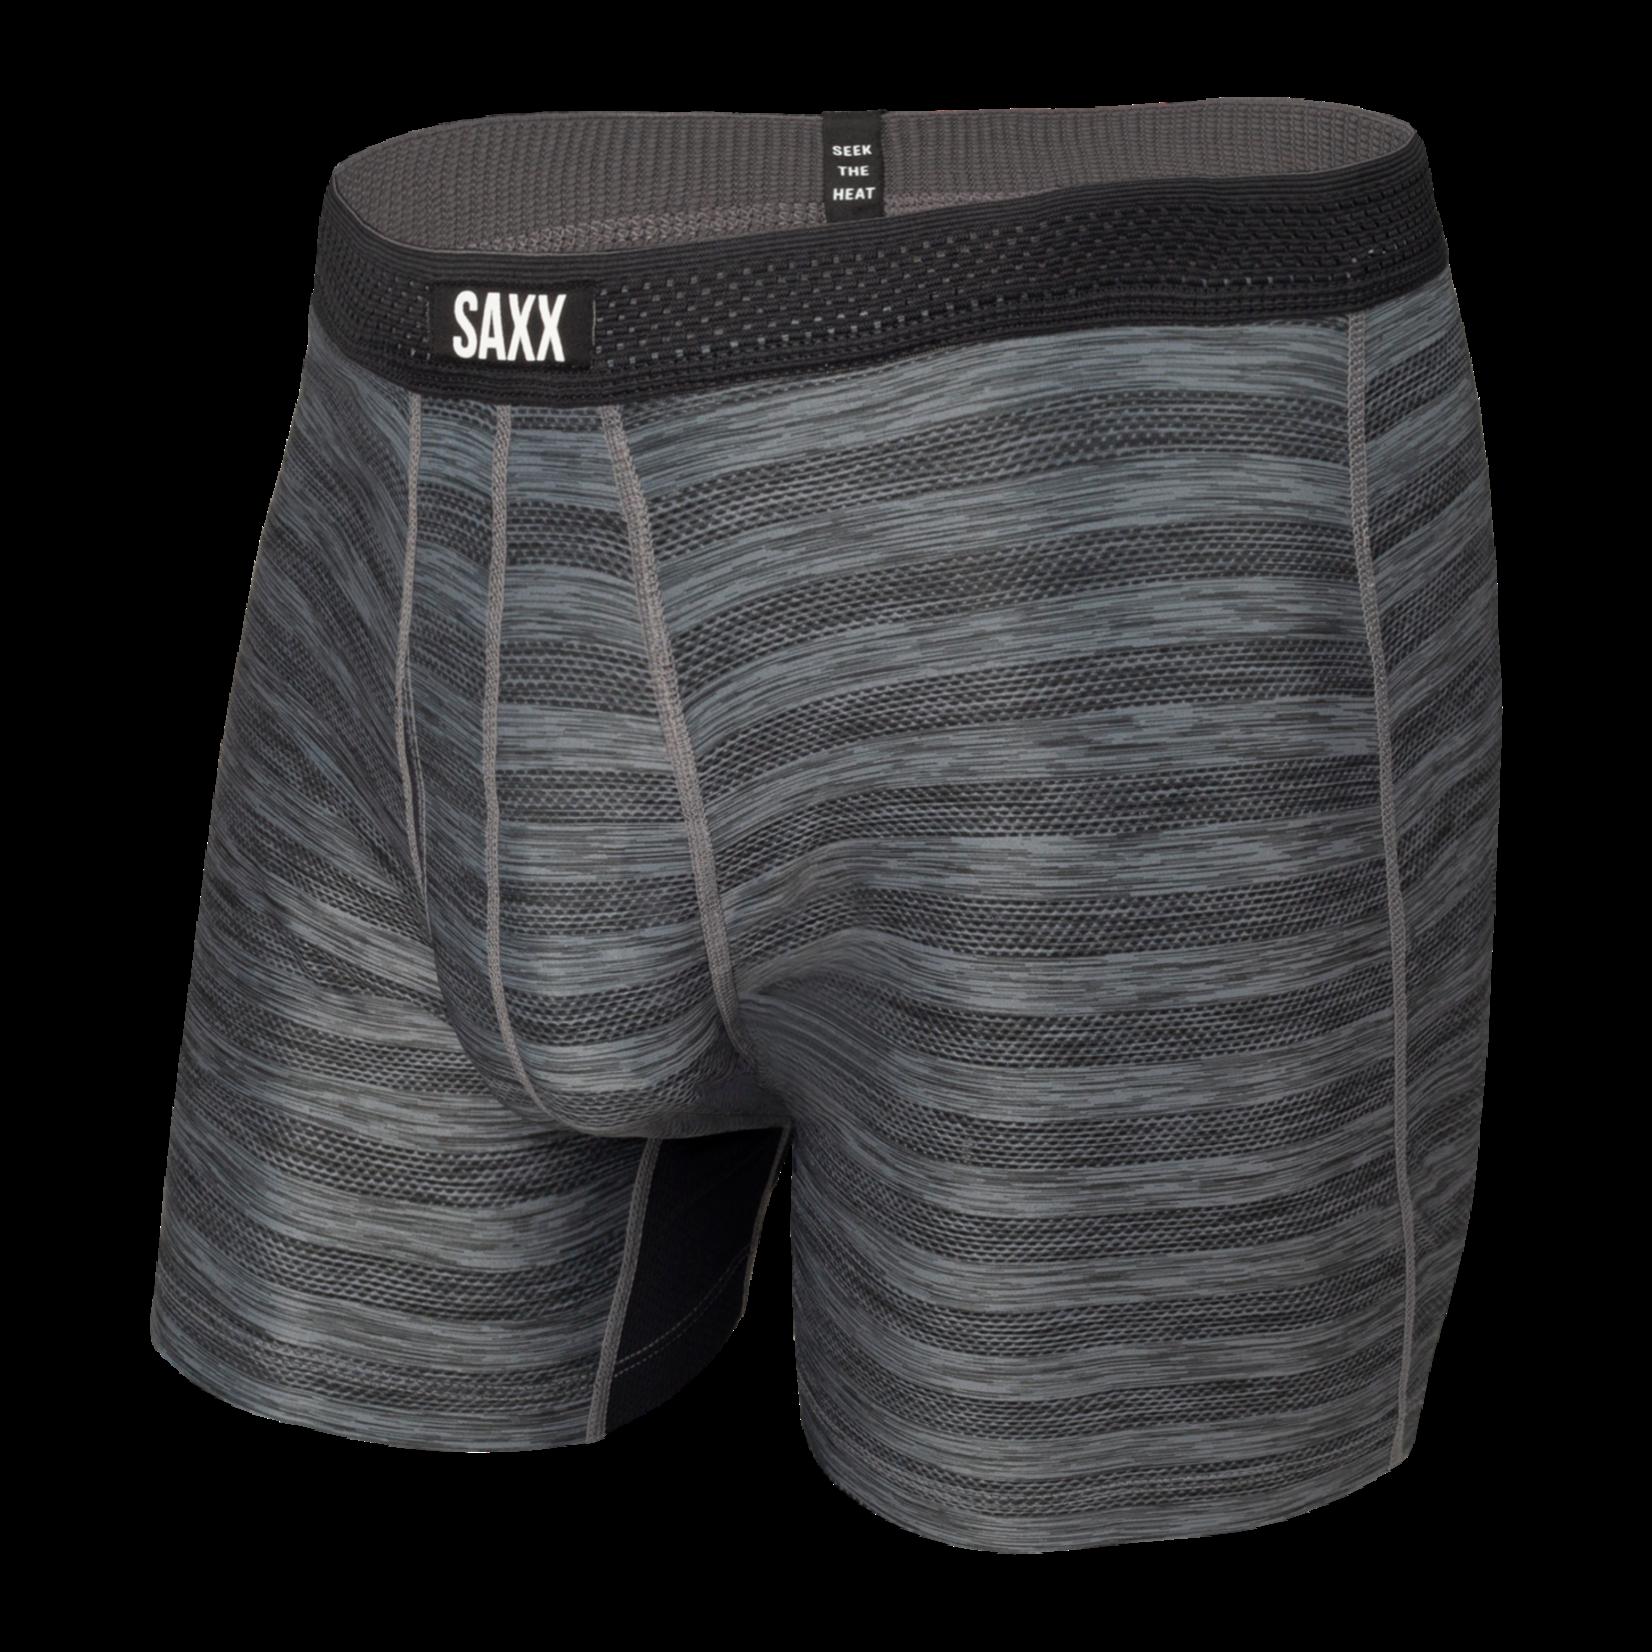 Saxx Saxx Underwear, Hot Shot BB Fly, Mens, BLH-Blk Heather